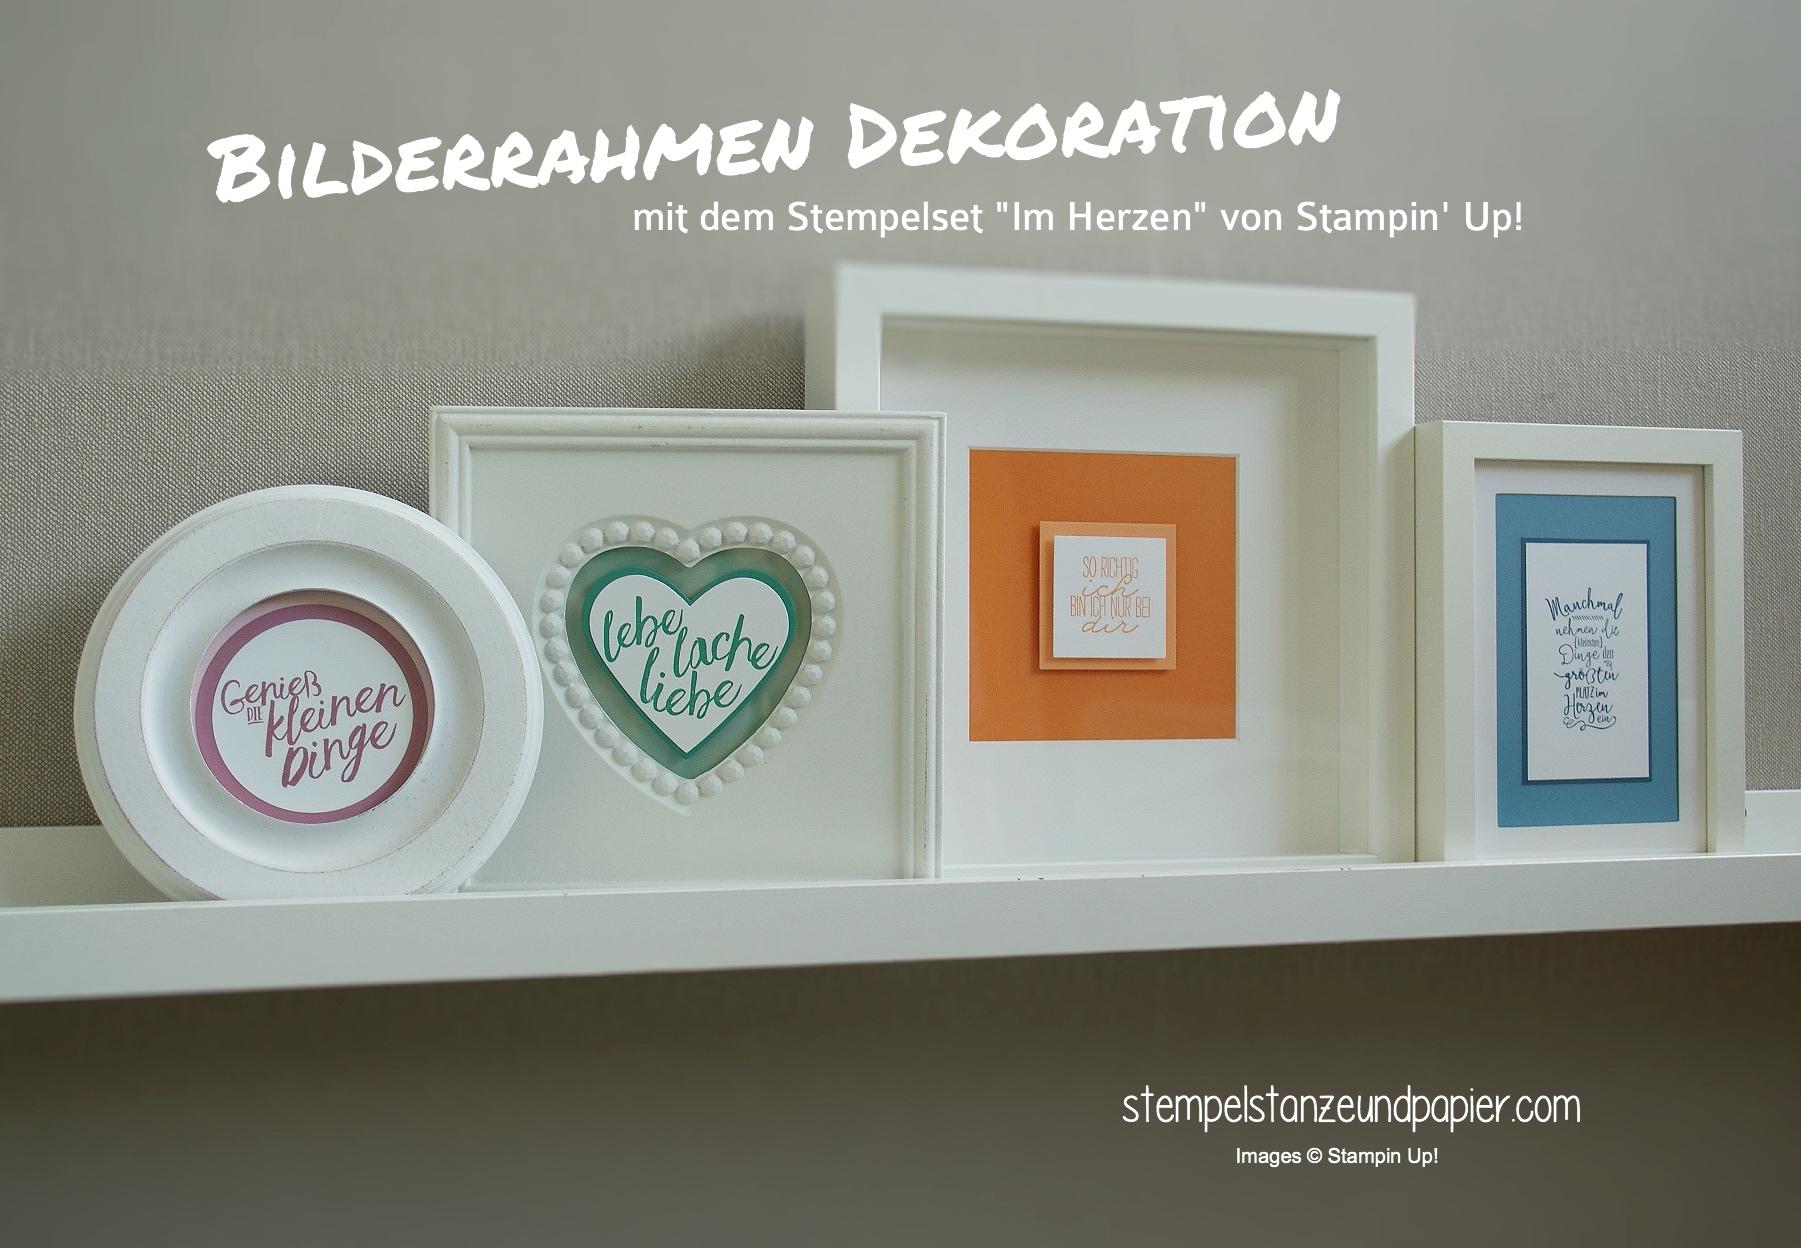 Bilderrahmen Dekoration mit Stempeln - Stempel, Stanze und Papier